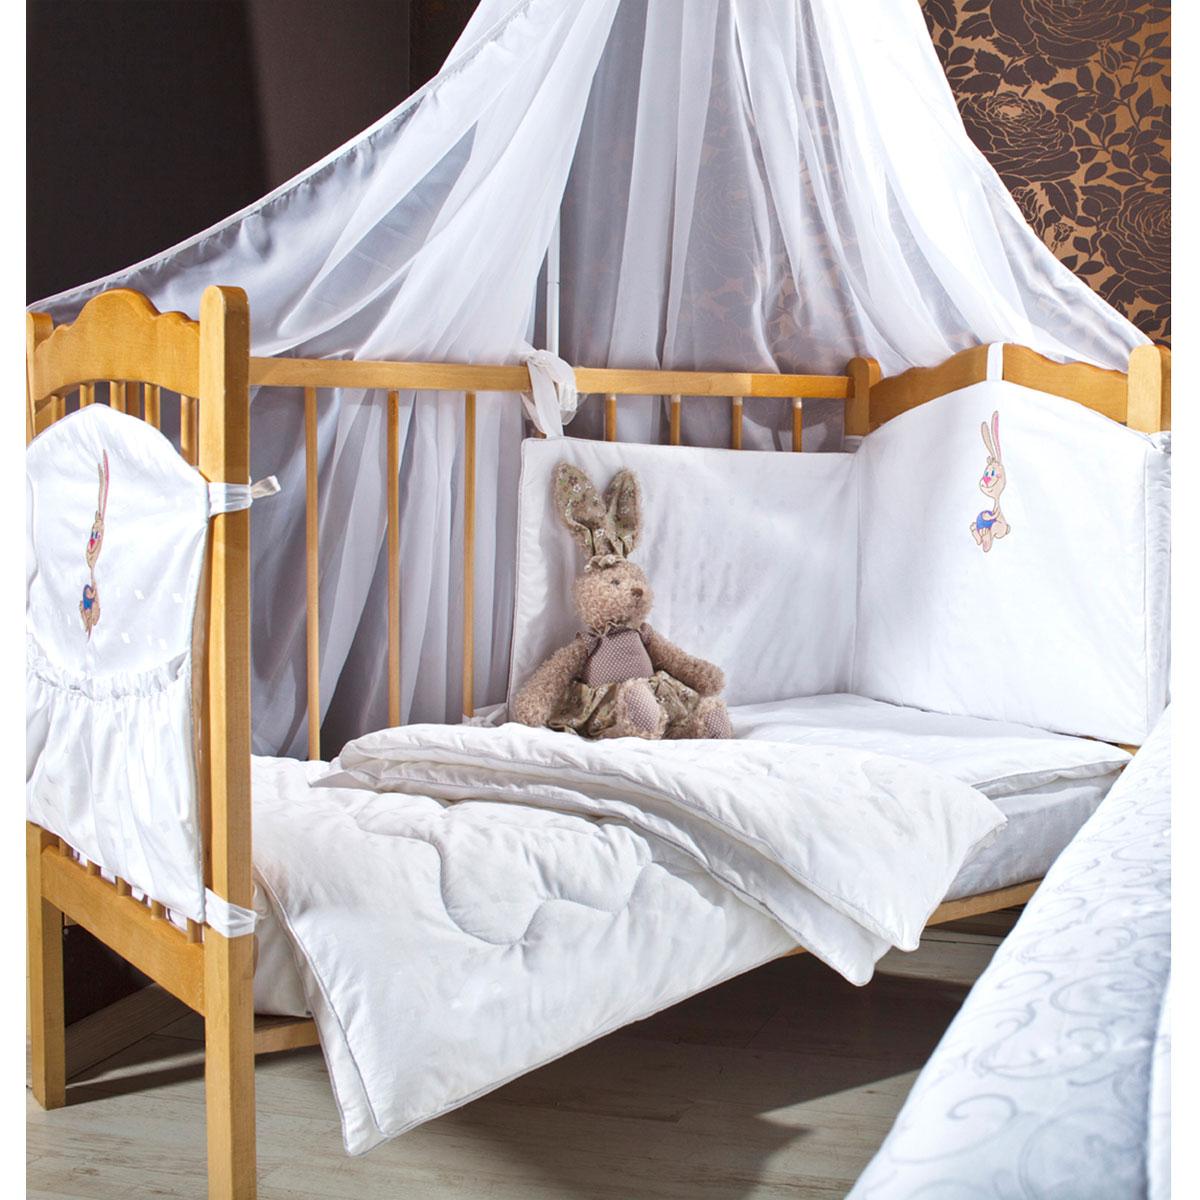 Комплект в кроватку Primavelle Lovely, цвет: розовый, 5 предметов80653Комплект в кроватку Primavelle Lovely прекрасно подойдет для кроватки вашегомалыша, добавит комнате уюта и согреет в прохладные дни. В качествематериала верха использован натуральный 100% хлопок. Мягкая ткань нераздражает чувствительную и нежную кожу ребенка и хорошо вентилируется.Подушка и одеяло наполнены гипоаллергенным бамбуковым волокном. Бамбукявляется природным антисептиком, обладающим уникальнымиантибактериальными и дезодорирующими свойствами. Бортики наполненыэкофайбером, который не впитывает запах и пыль. Балдахин выполнен излегкой прозрачной вуали. В комплекте - удобный карман на кроватку для всехнеобходимых вещей. Очень важно, чтобы ваш малыш хорошо спал - это залог его здоровья, а значитвашего спокойствия. Комплект Primavelle Lovely идеально подойдет длякроватки вашего малыша. На нем ваш кроха будет спать здоровым и крепкимсном.Комплектация: - бортик (180 см х 46 см);- балдахин (420 см х 160 см); - подушка (40 см х 60 см); - одеяло (110 см х 140 см); - кармашек (60 см х 45 см).